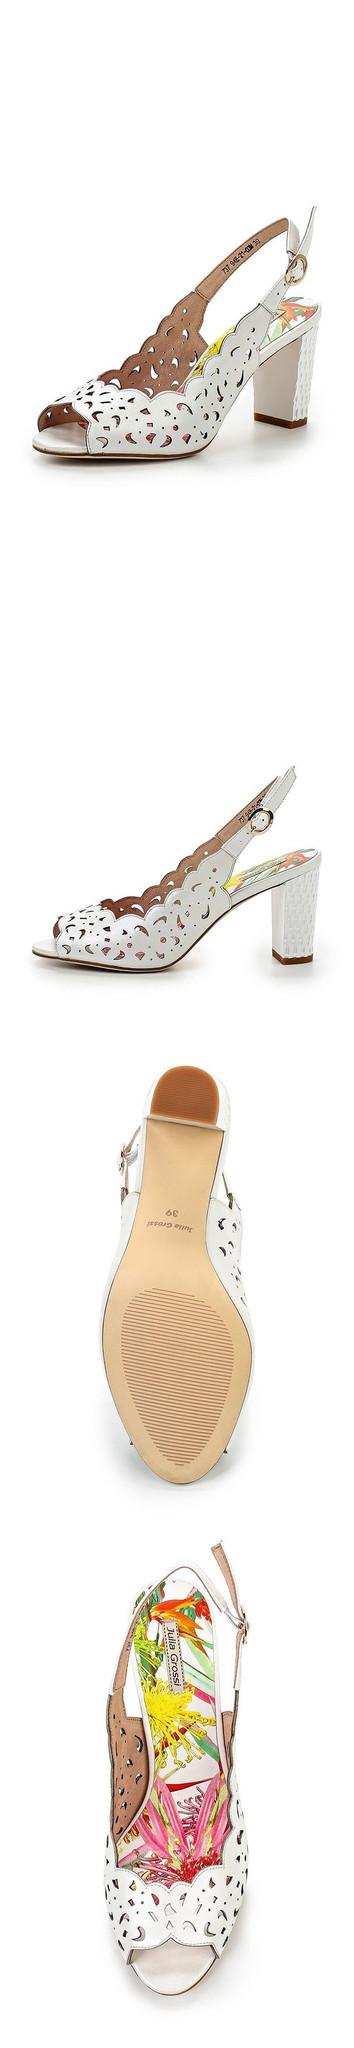 купить женскую обувь недорого в интернет магазине Мариго